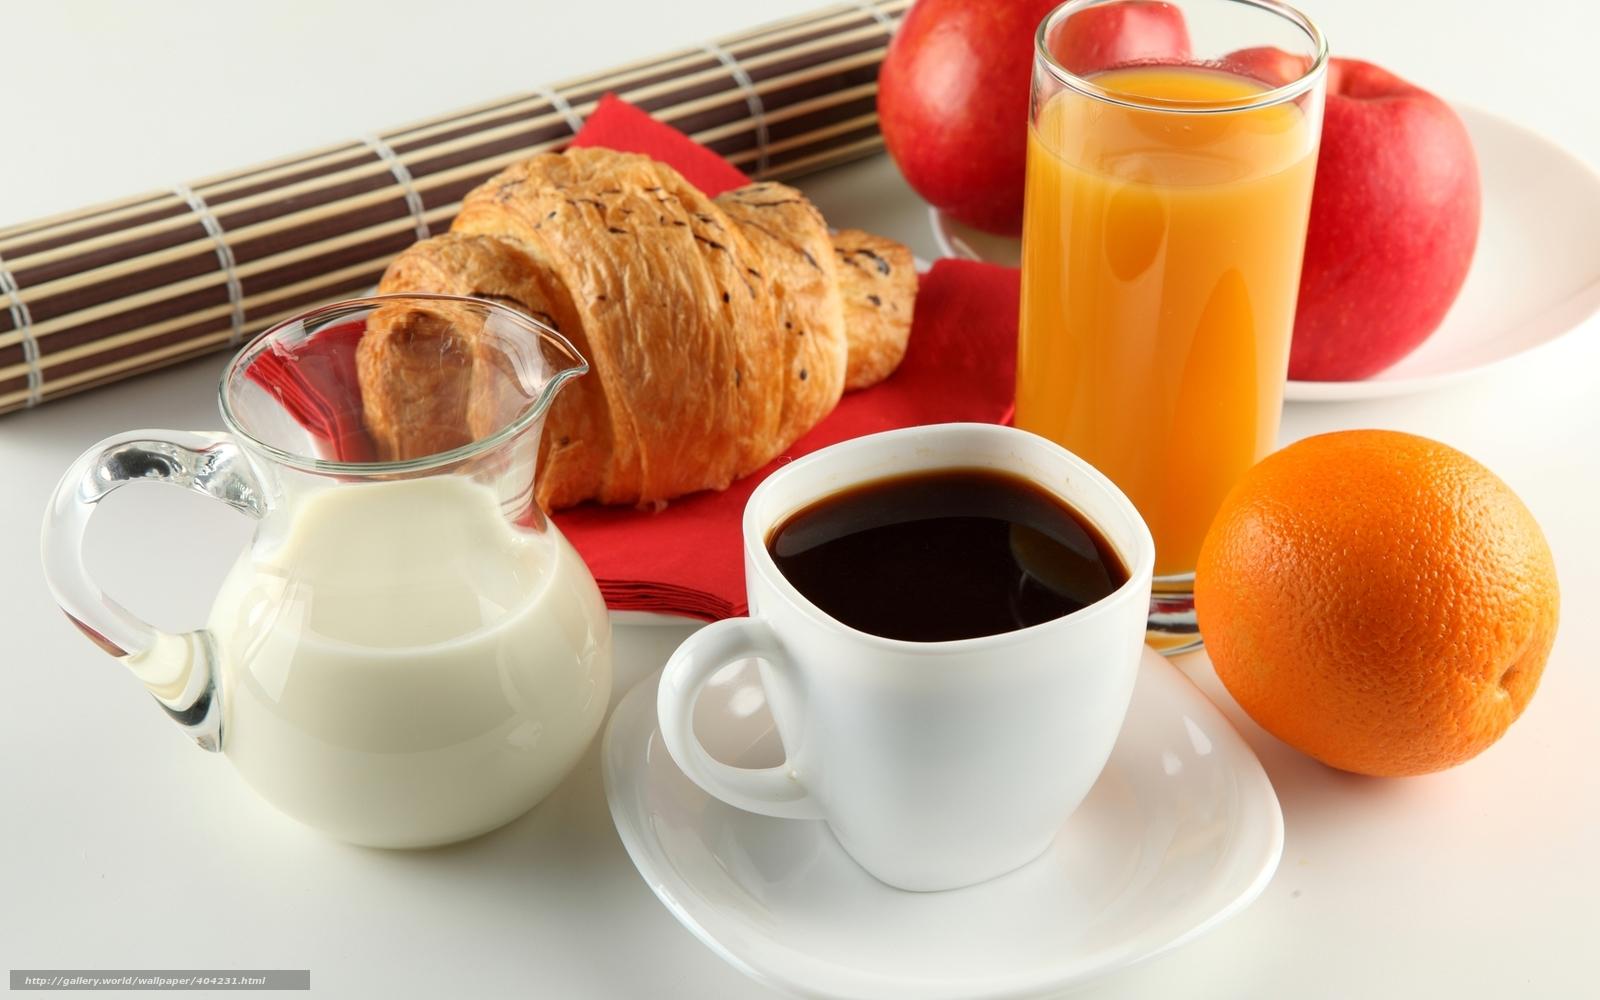 Скачать обои завтрак,  кофе,  молоко,  апельсин бесплатно для рабочего стола в разрешении 1680x1050 — картинка №404231